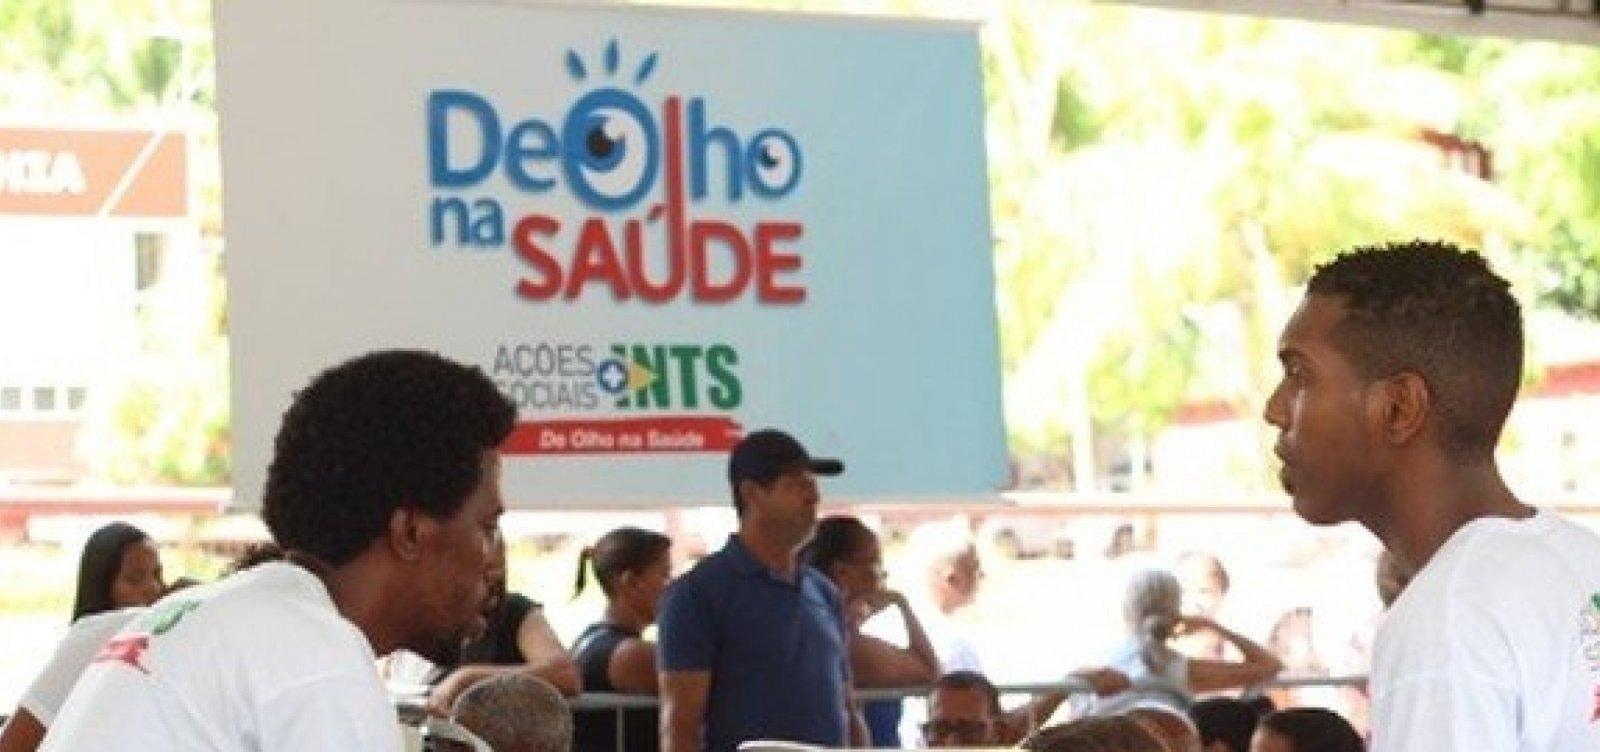 [Ação oferece serviços oftalmológicos gratuitos no Vale do Ogunjá]